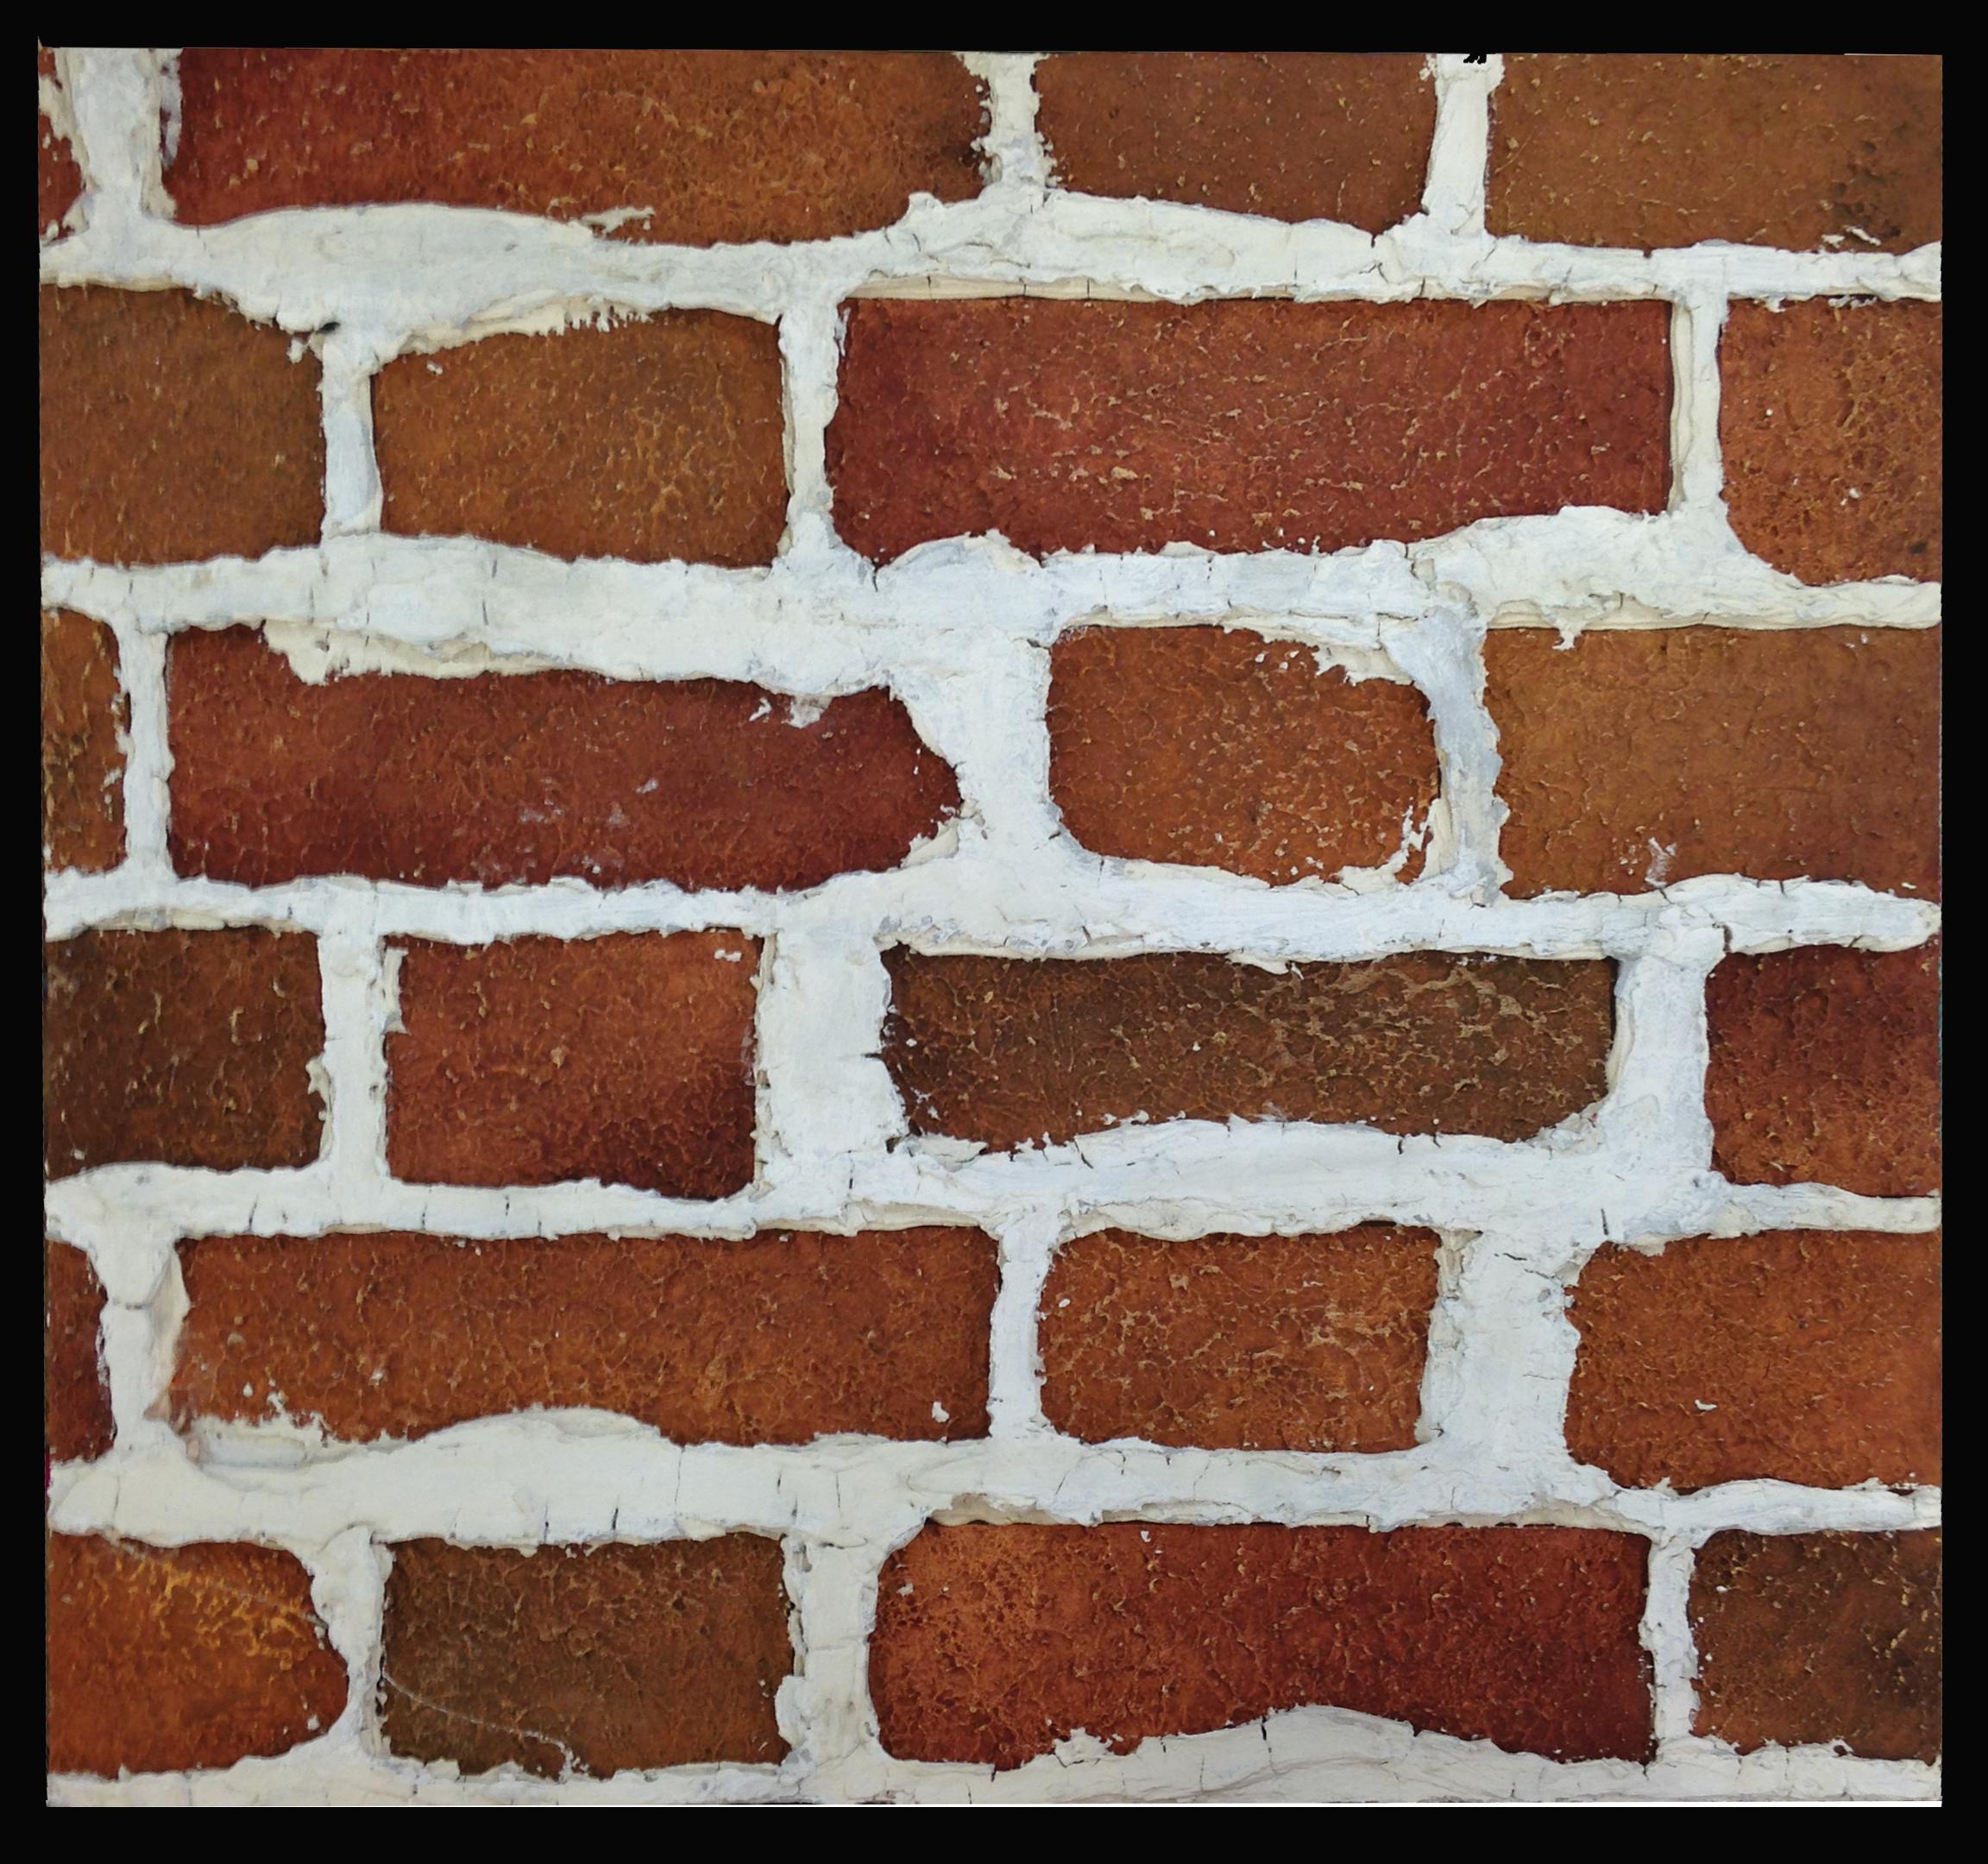 Brick Sample Framed.jpg